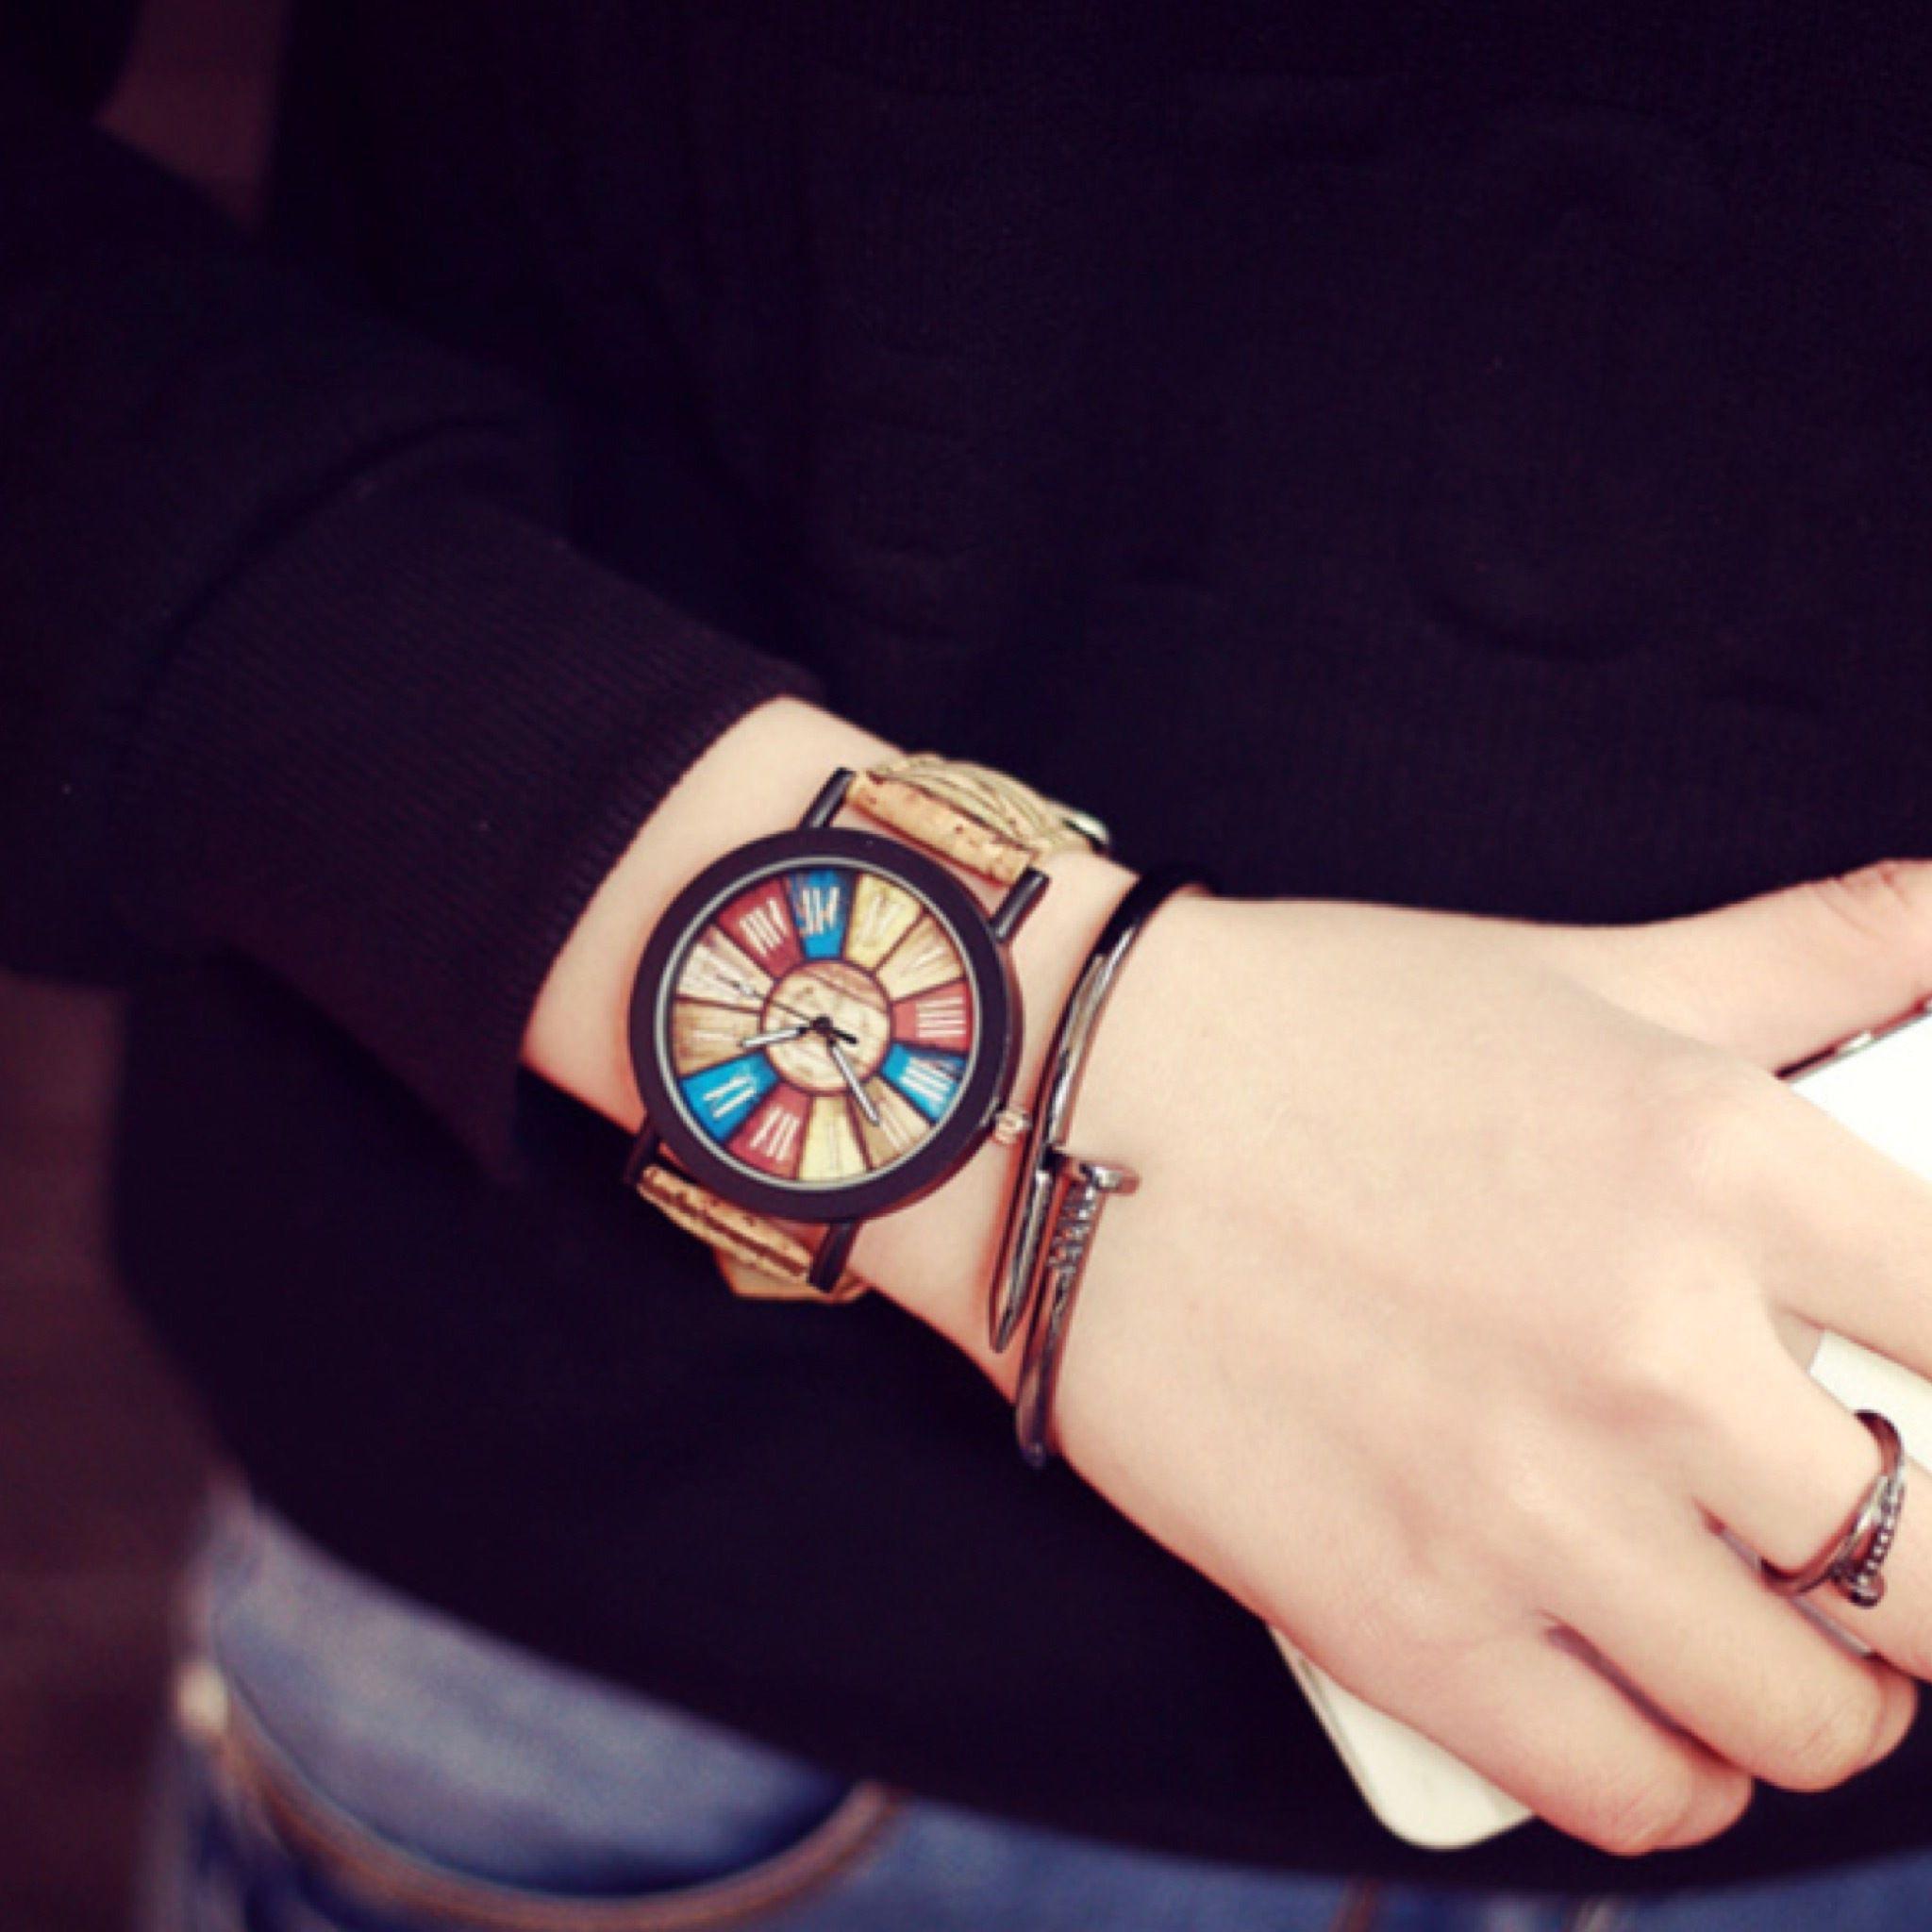 ウッドテイストウォッチ レディースサイズ 腕時計 シンプル ギフト 人気 プレゼント 時計 おしゃれ 安い かわいい プチプラ ブレスレット コルク